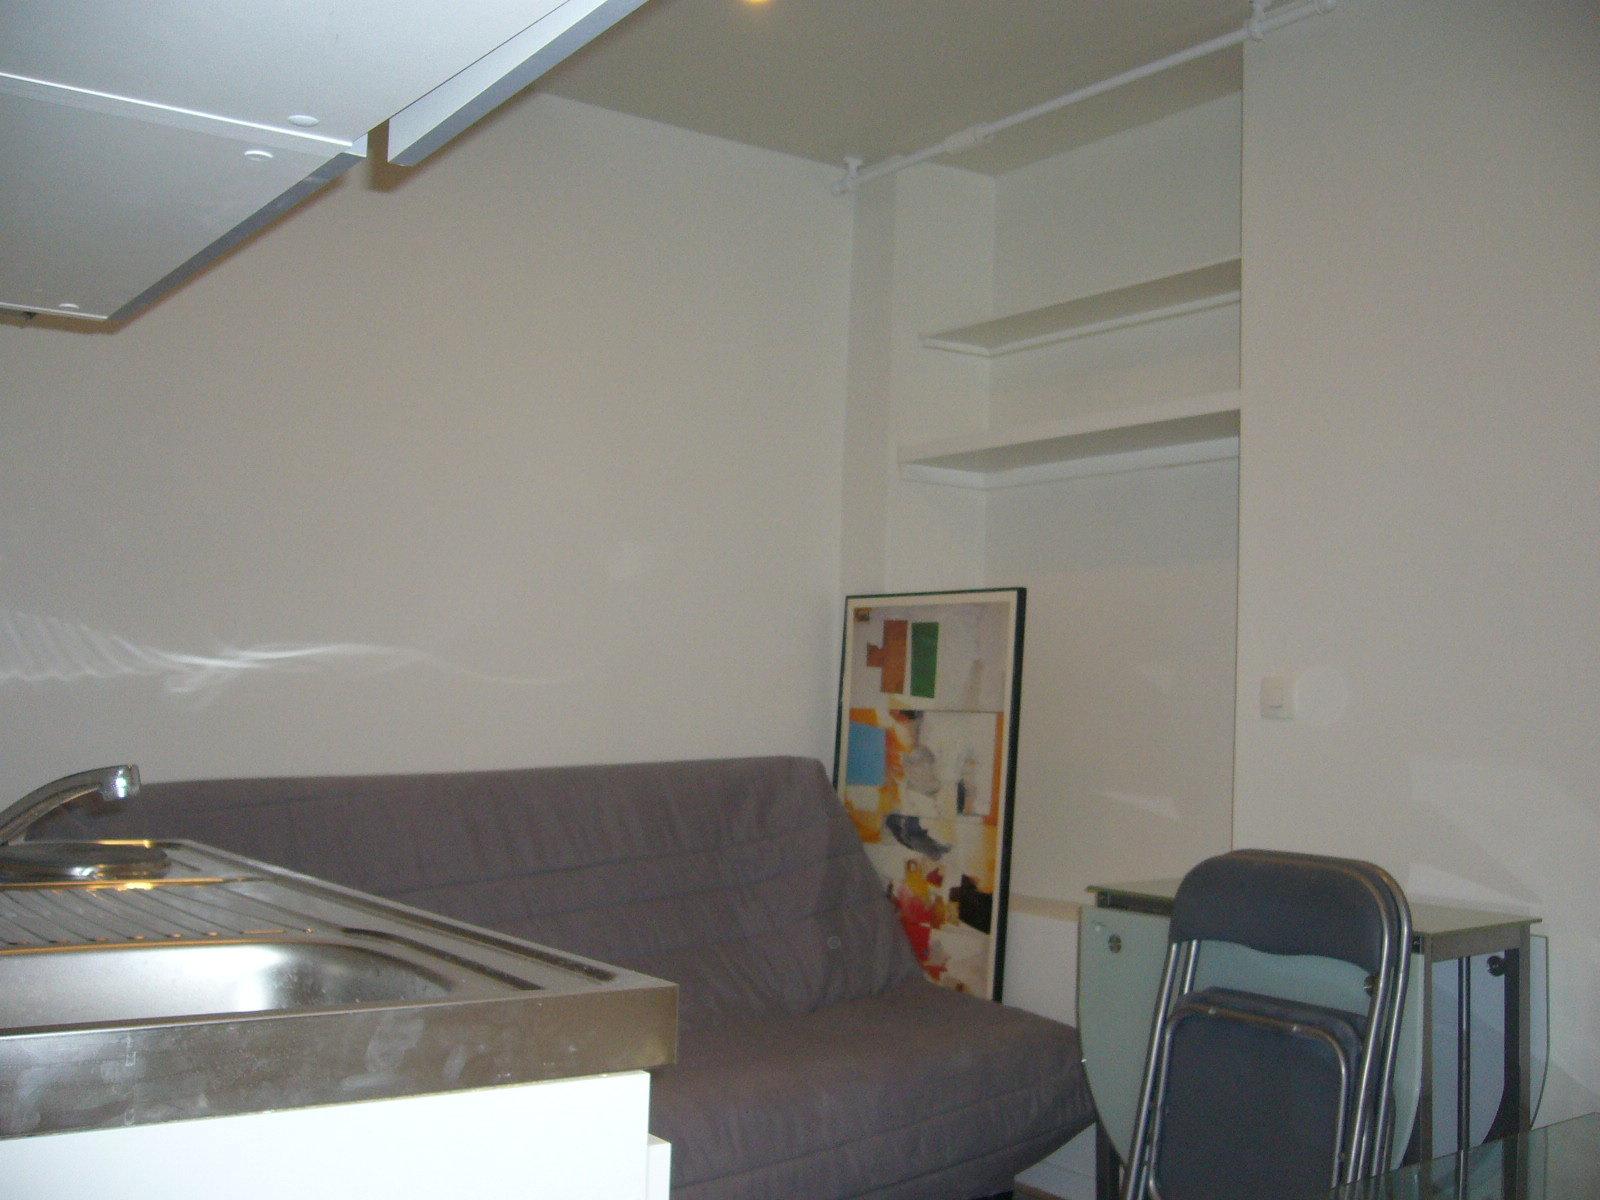 Location studio 75010 Paris